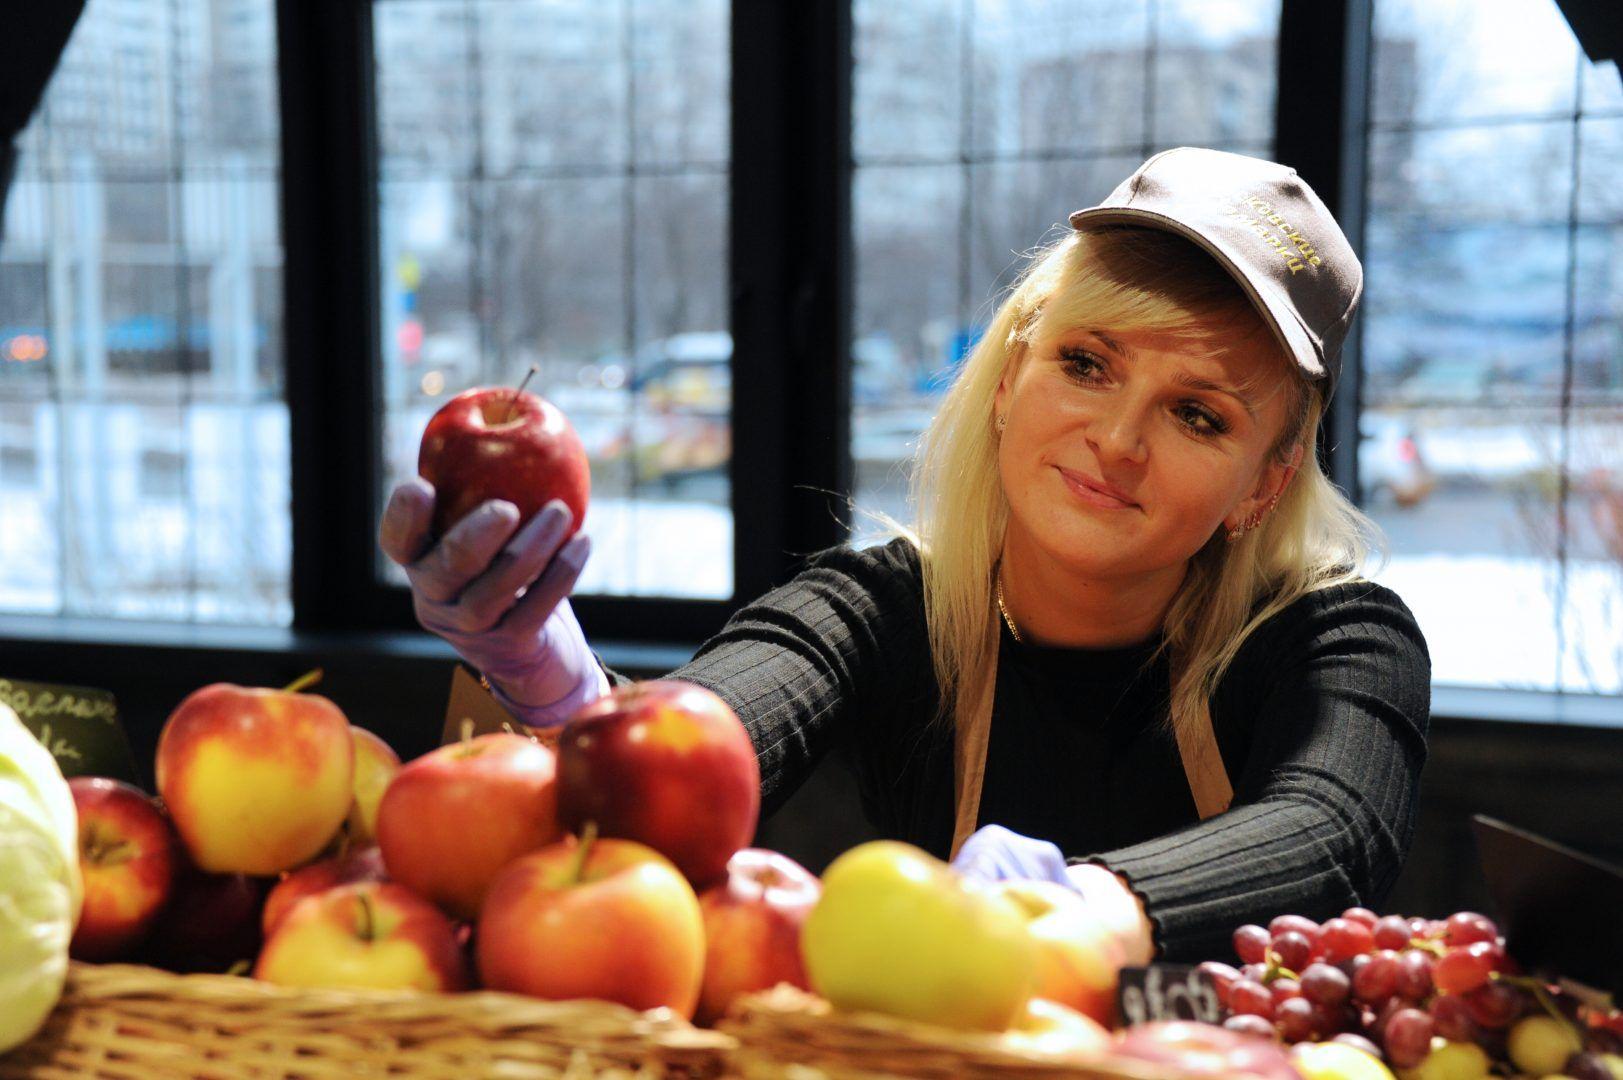 Нужно употреблять больше фруктов и овощей. Фото: Светлана Колоскова